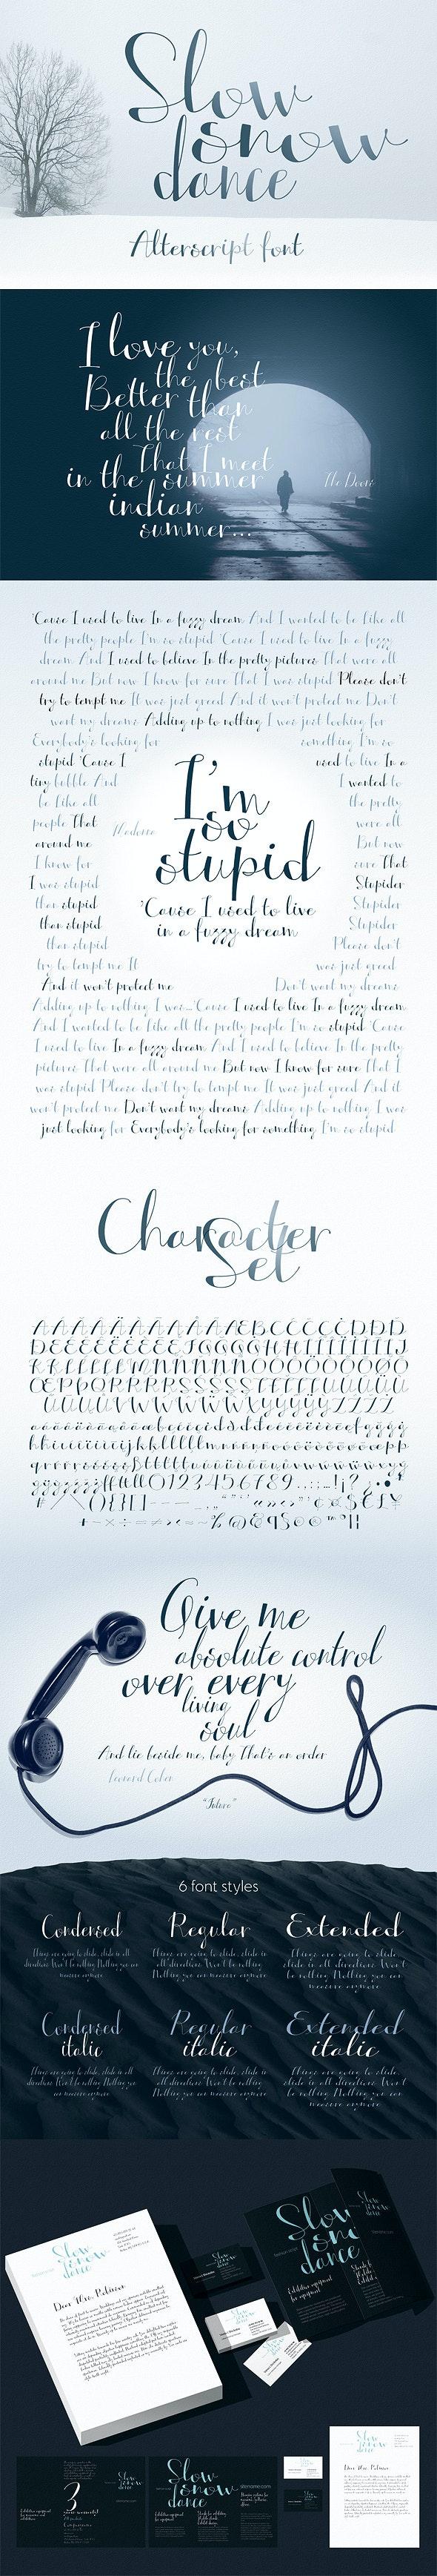 Hight Contrasting Hand Font Alterscript - Calligraphy Script